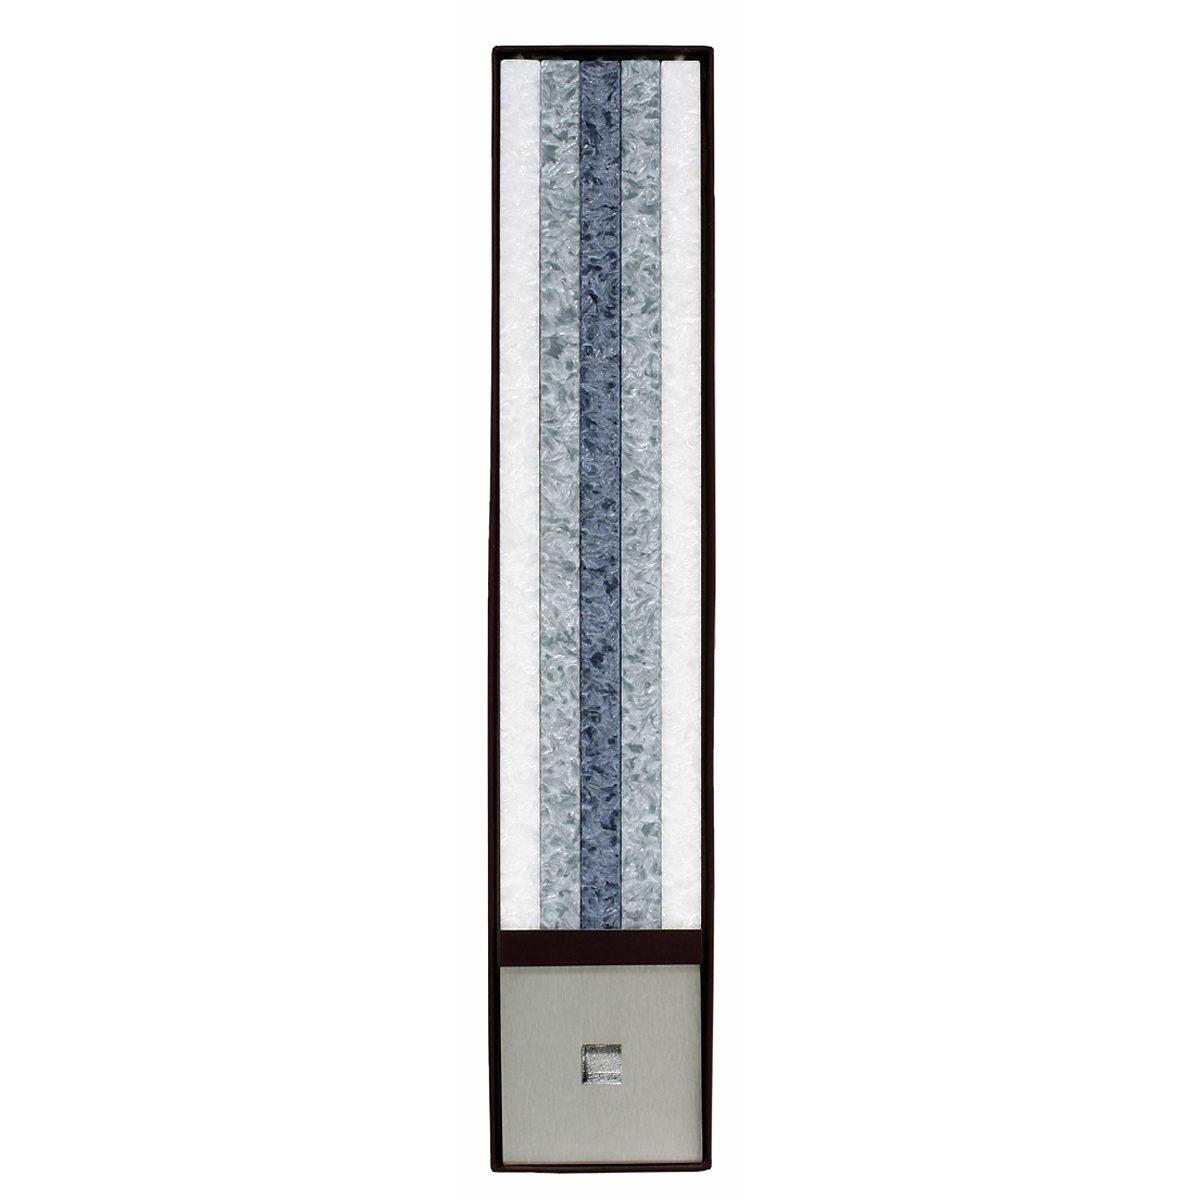 Amabiente Amabiente Kerzen CLASSIC weiß-silber-stein Geschenkset - 6tlg.